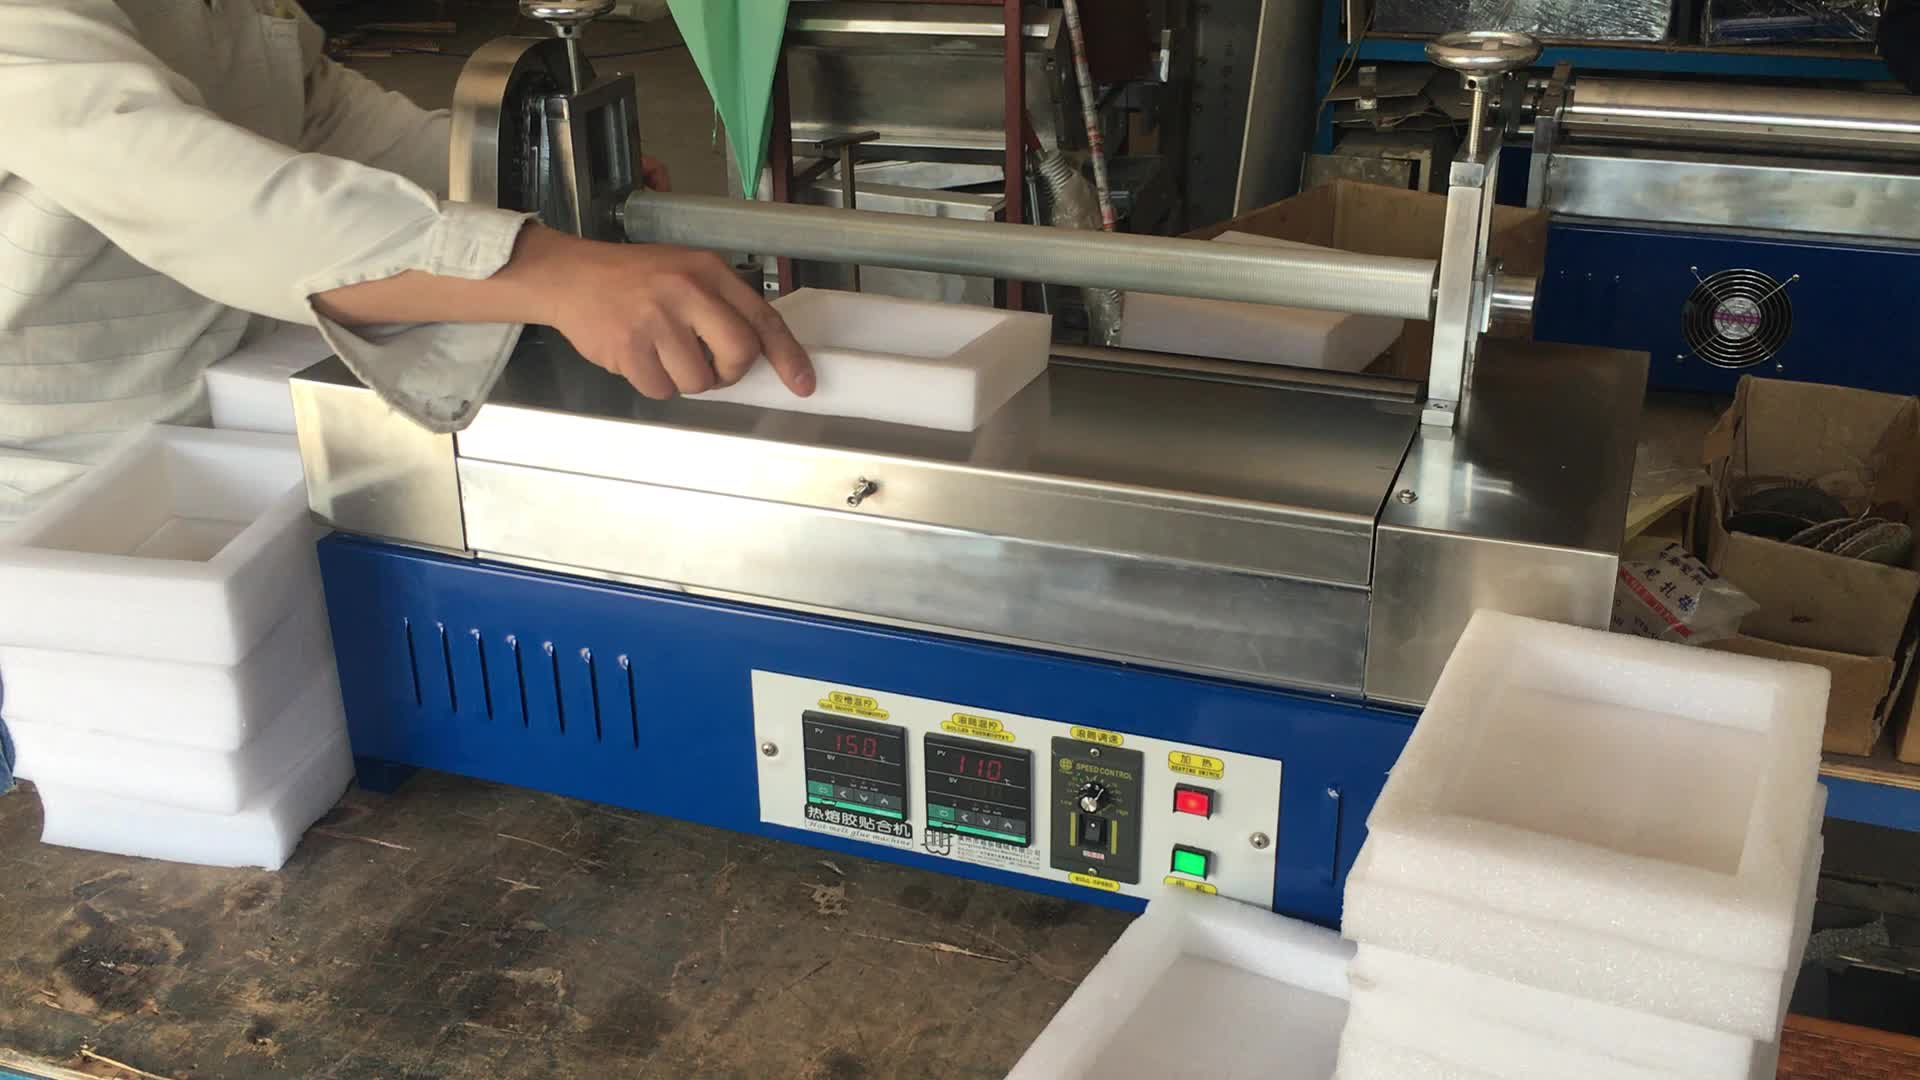 Verpackung schaum wz-s800l schmelzkleber rolle mantel maschine